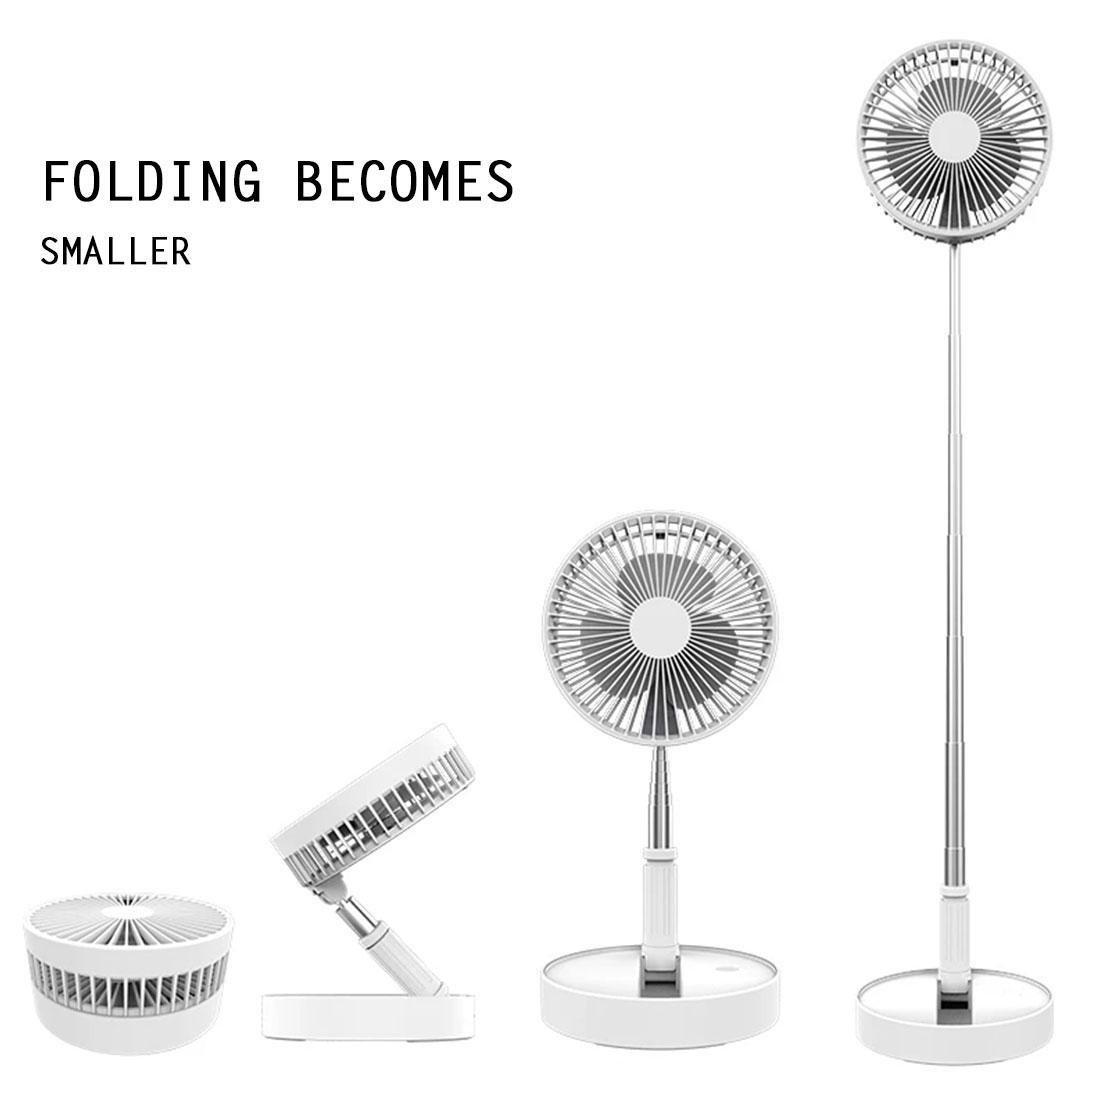 Ventilateur électrique portable usb Chargements mini pliants de ventilateur multifonctionnel télescopique Chambre à coucher familiale bureau de bureau de bureau de bureau de bureau